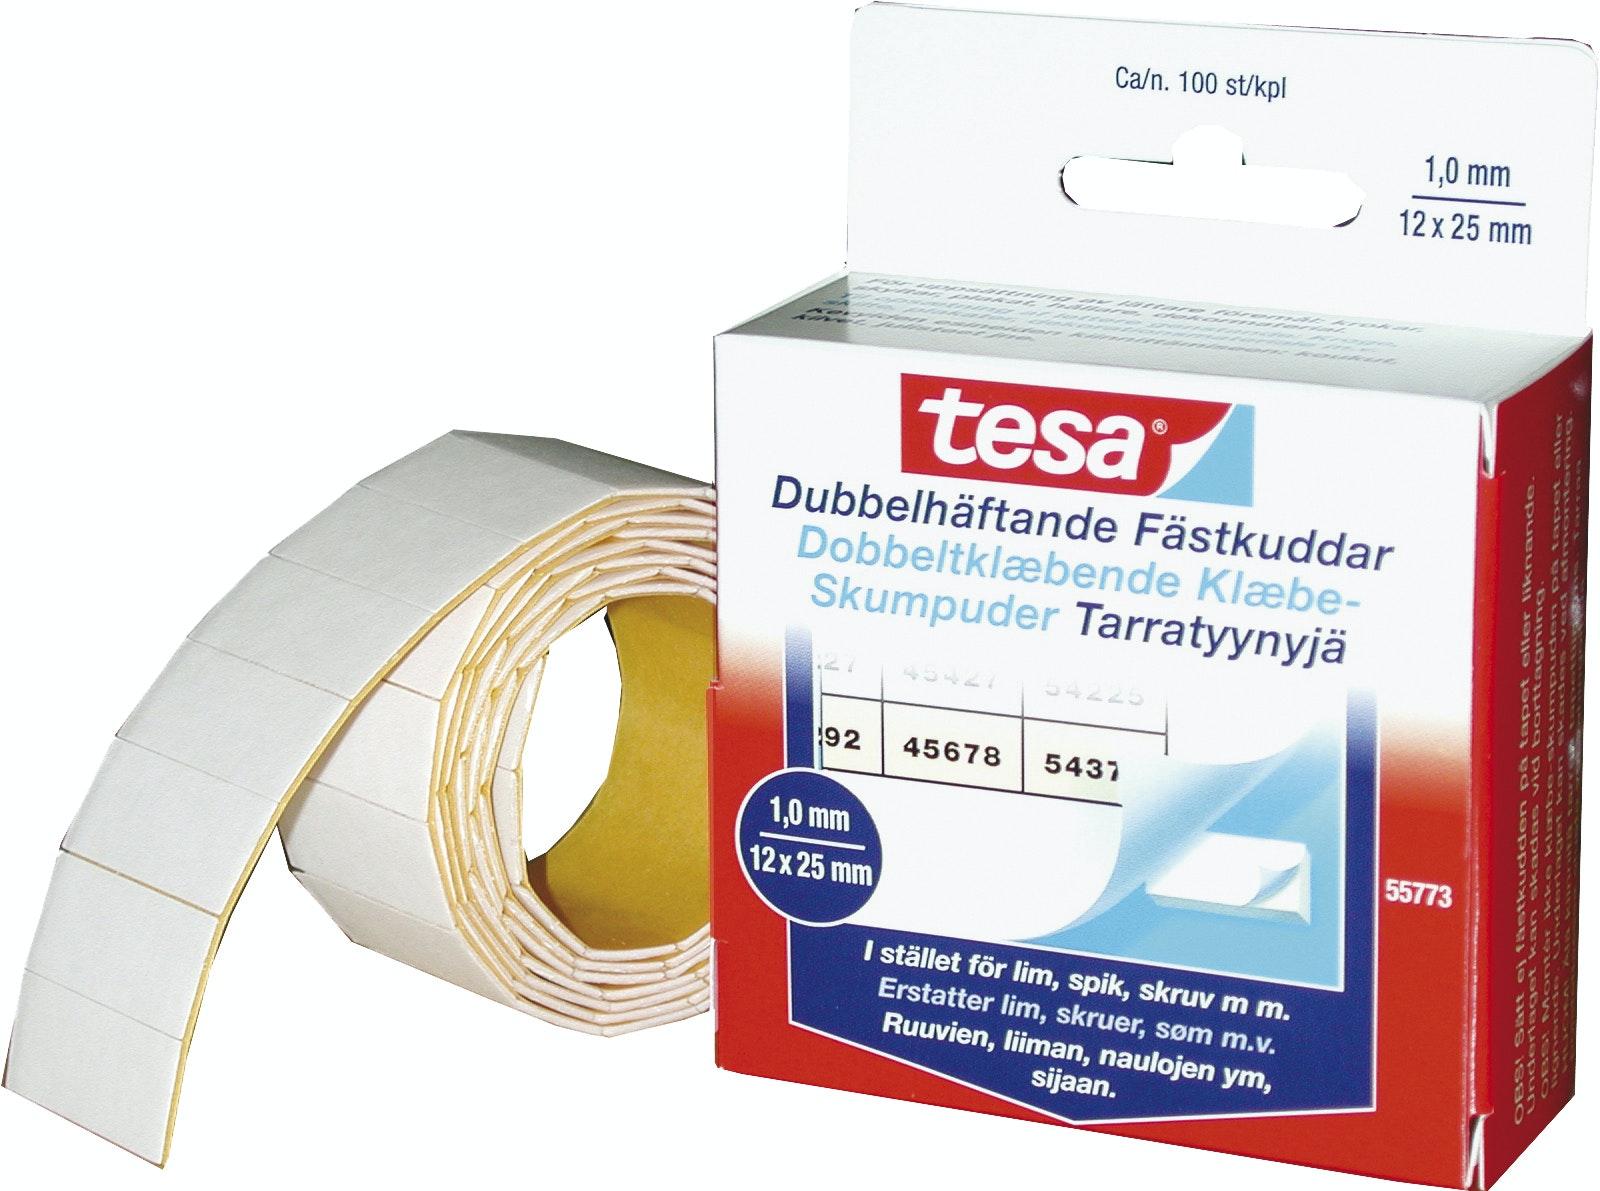 Fästkuddar Tesa Dubbelhäftande 100-Pack 1x12x25mm